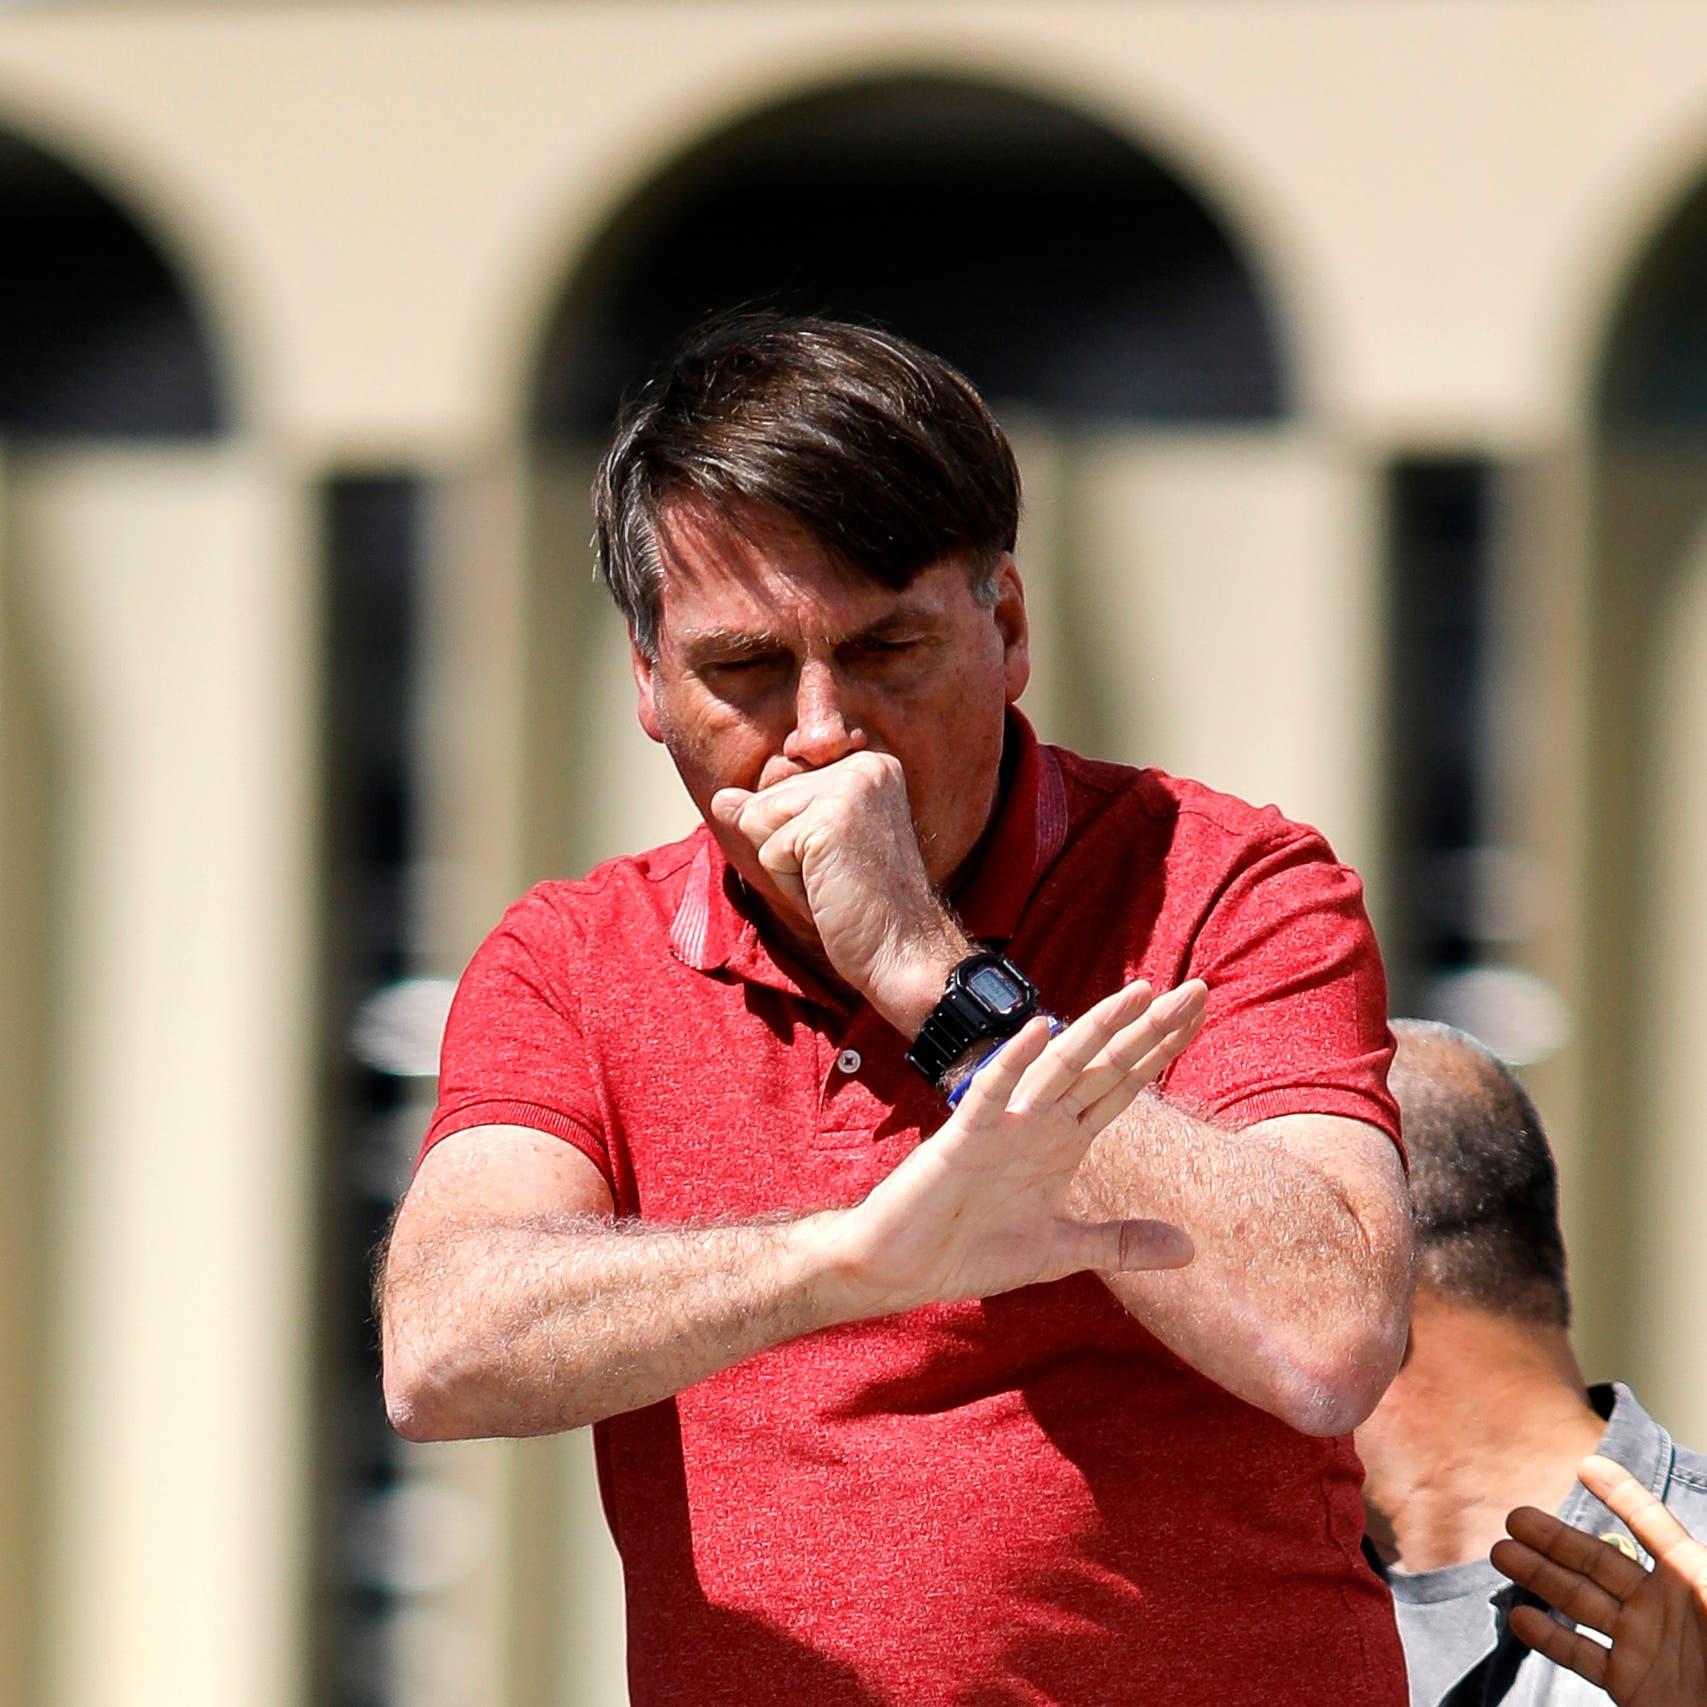 بعد استخفافه به.. الرئيس البرازيلي يعلن إصابته بكورونا